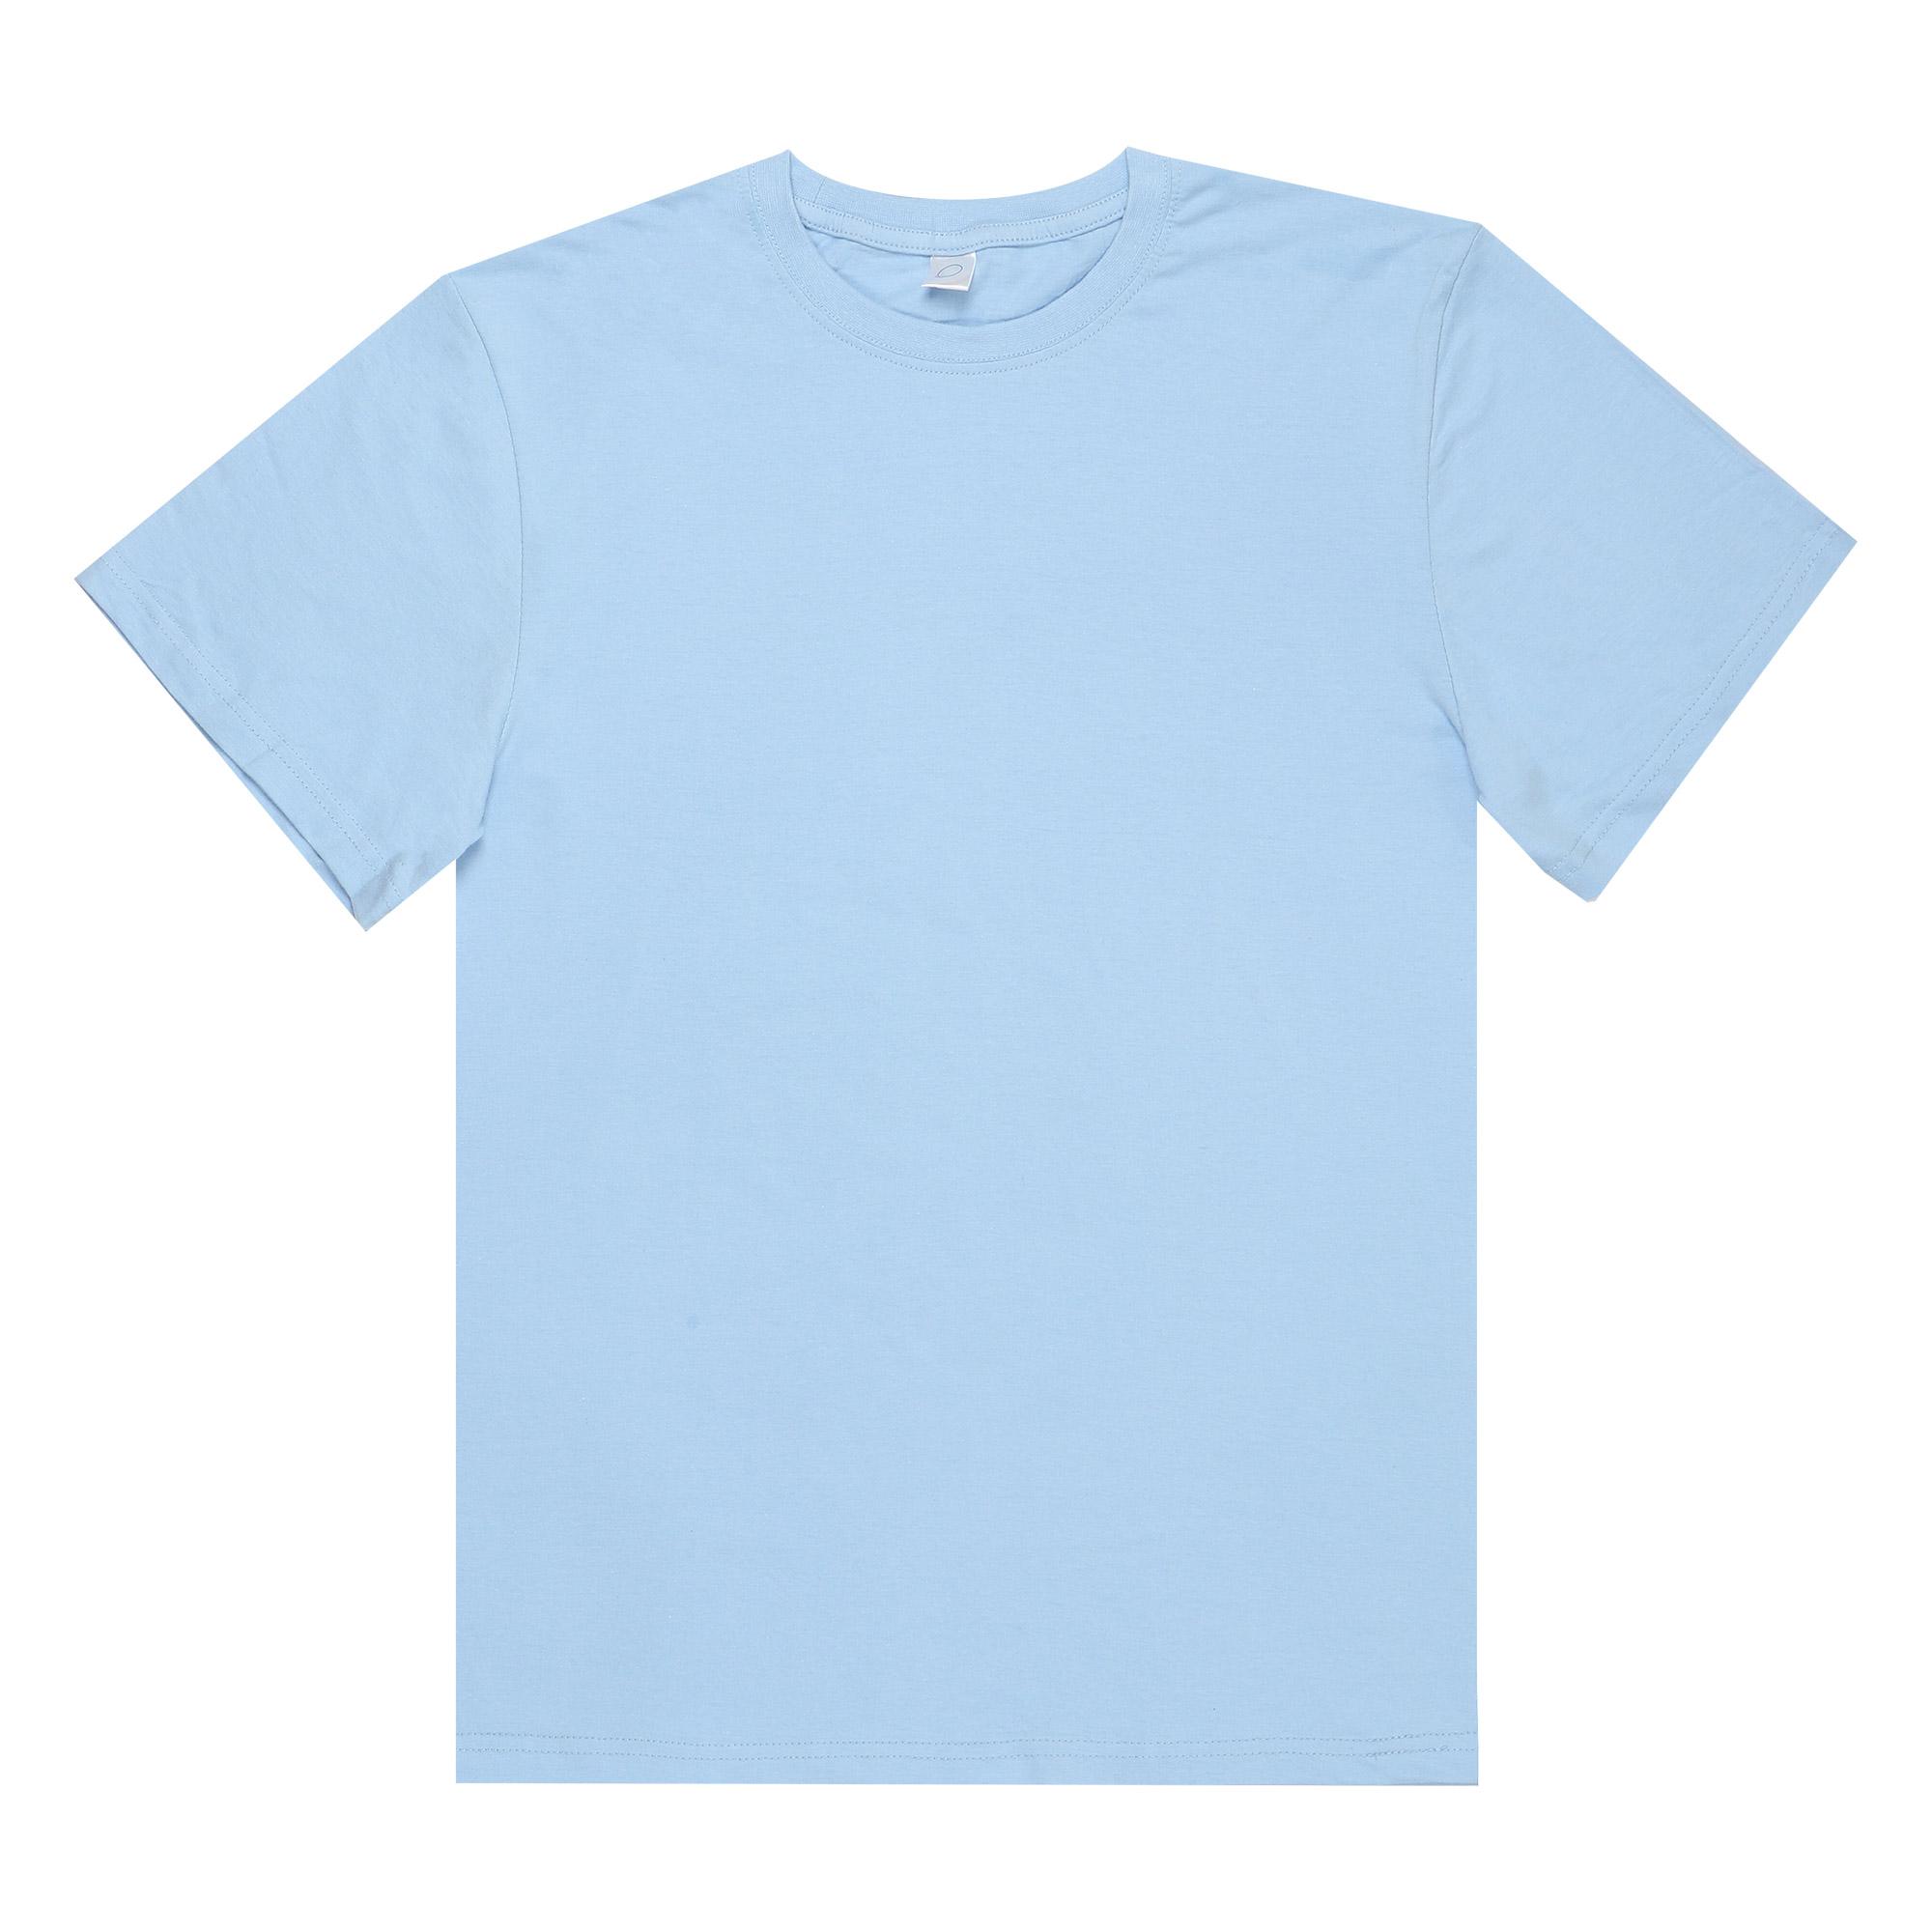 Футболка мужская M-1 Promo голубая с коротким рукавом XL